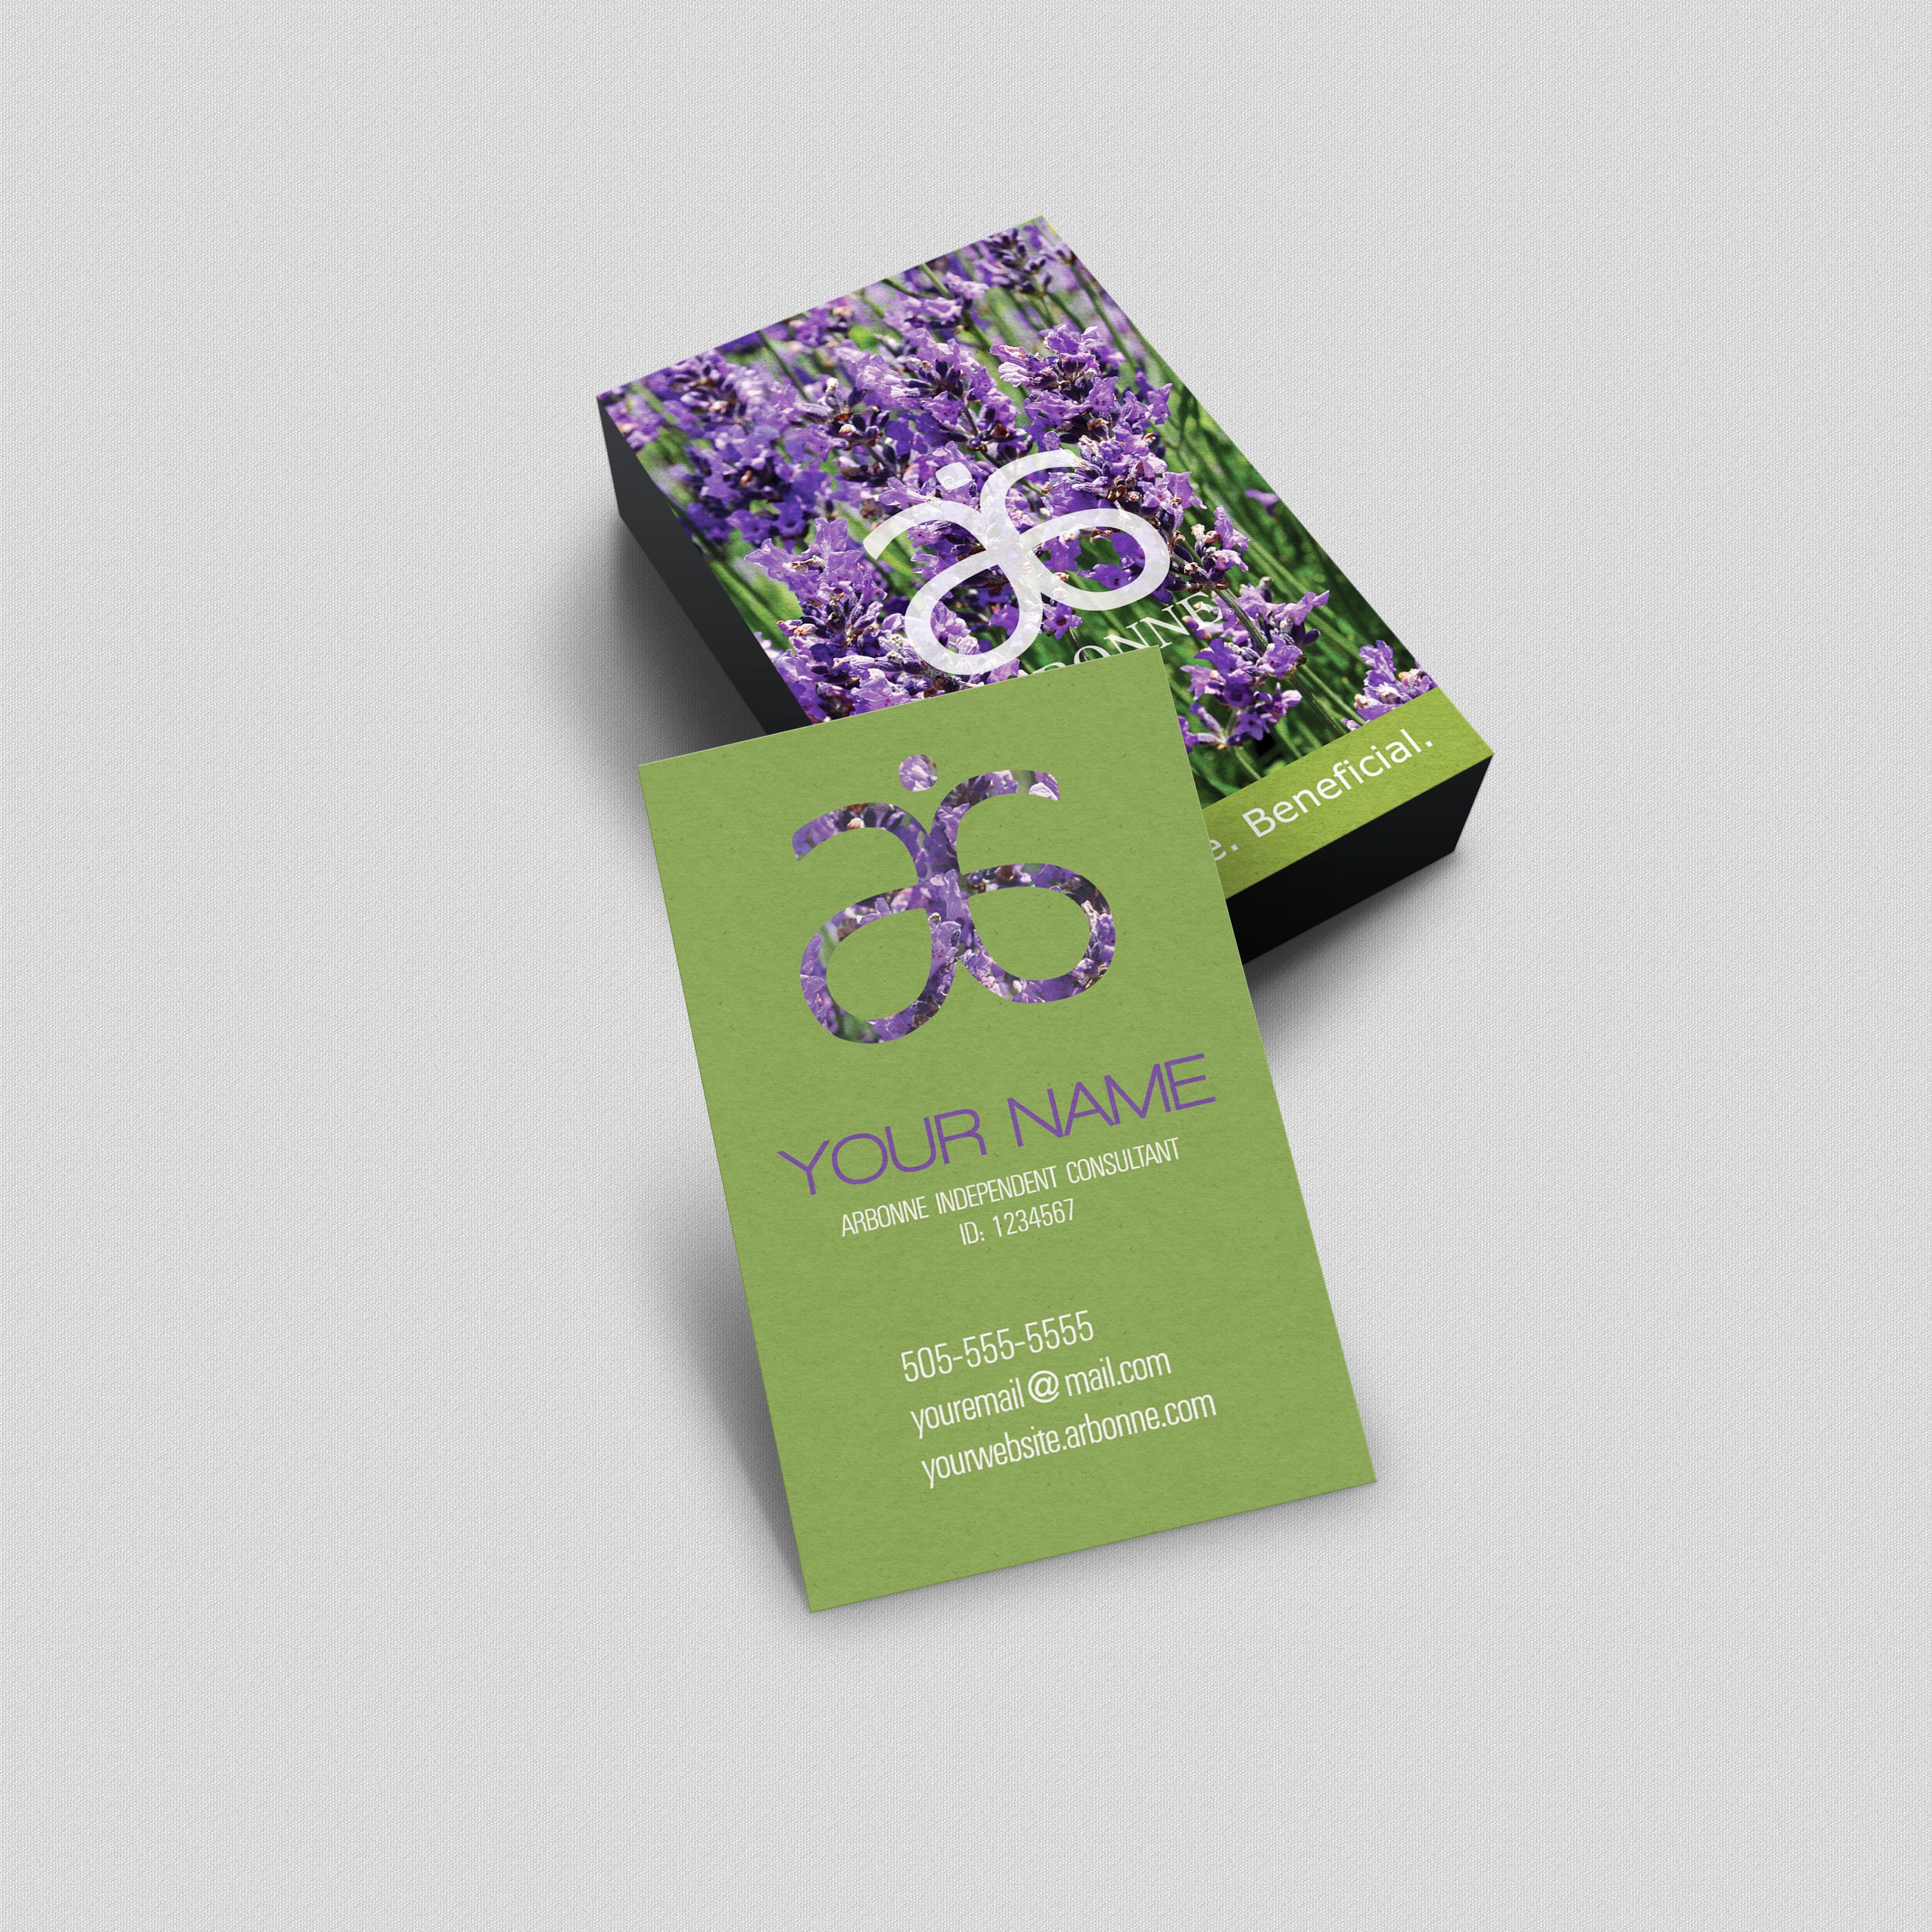 Arbonne Business Card - Lavander | Arbonne | Pinterest | Arbonne ...